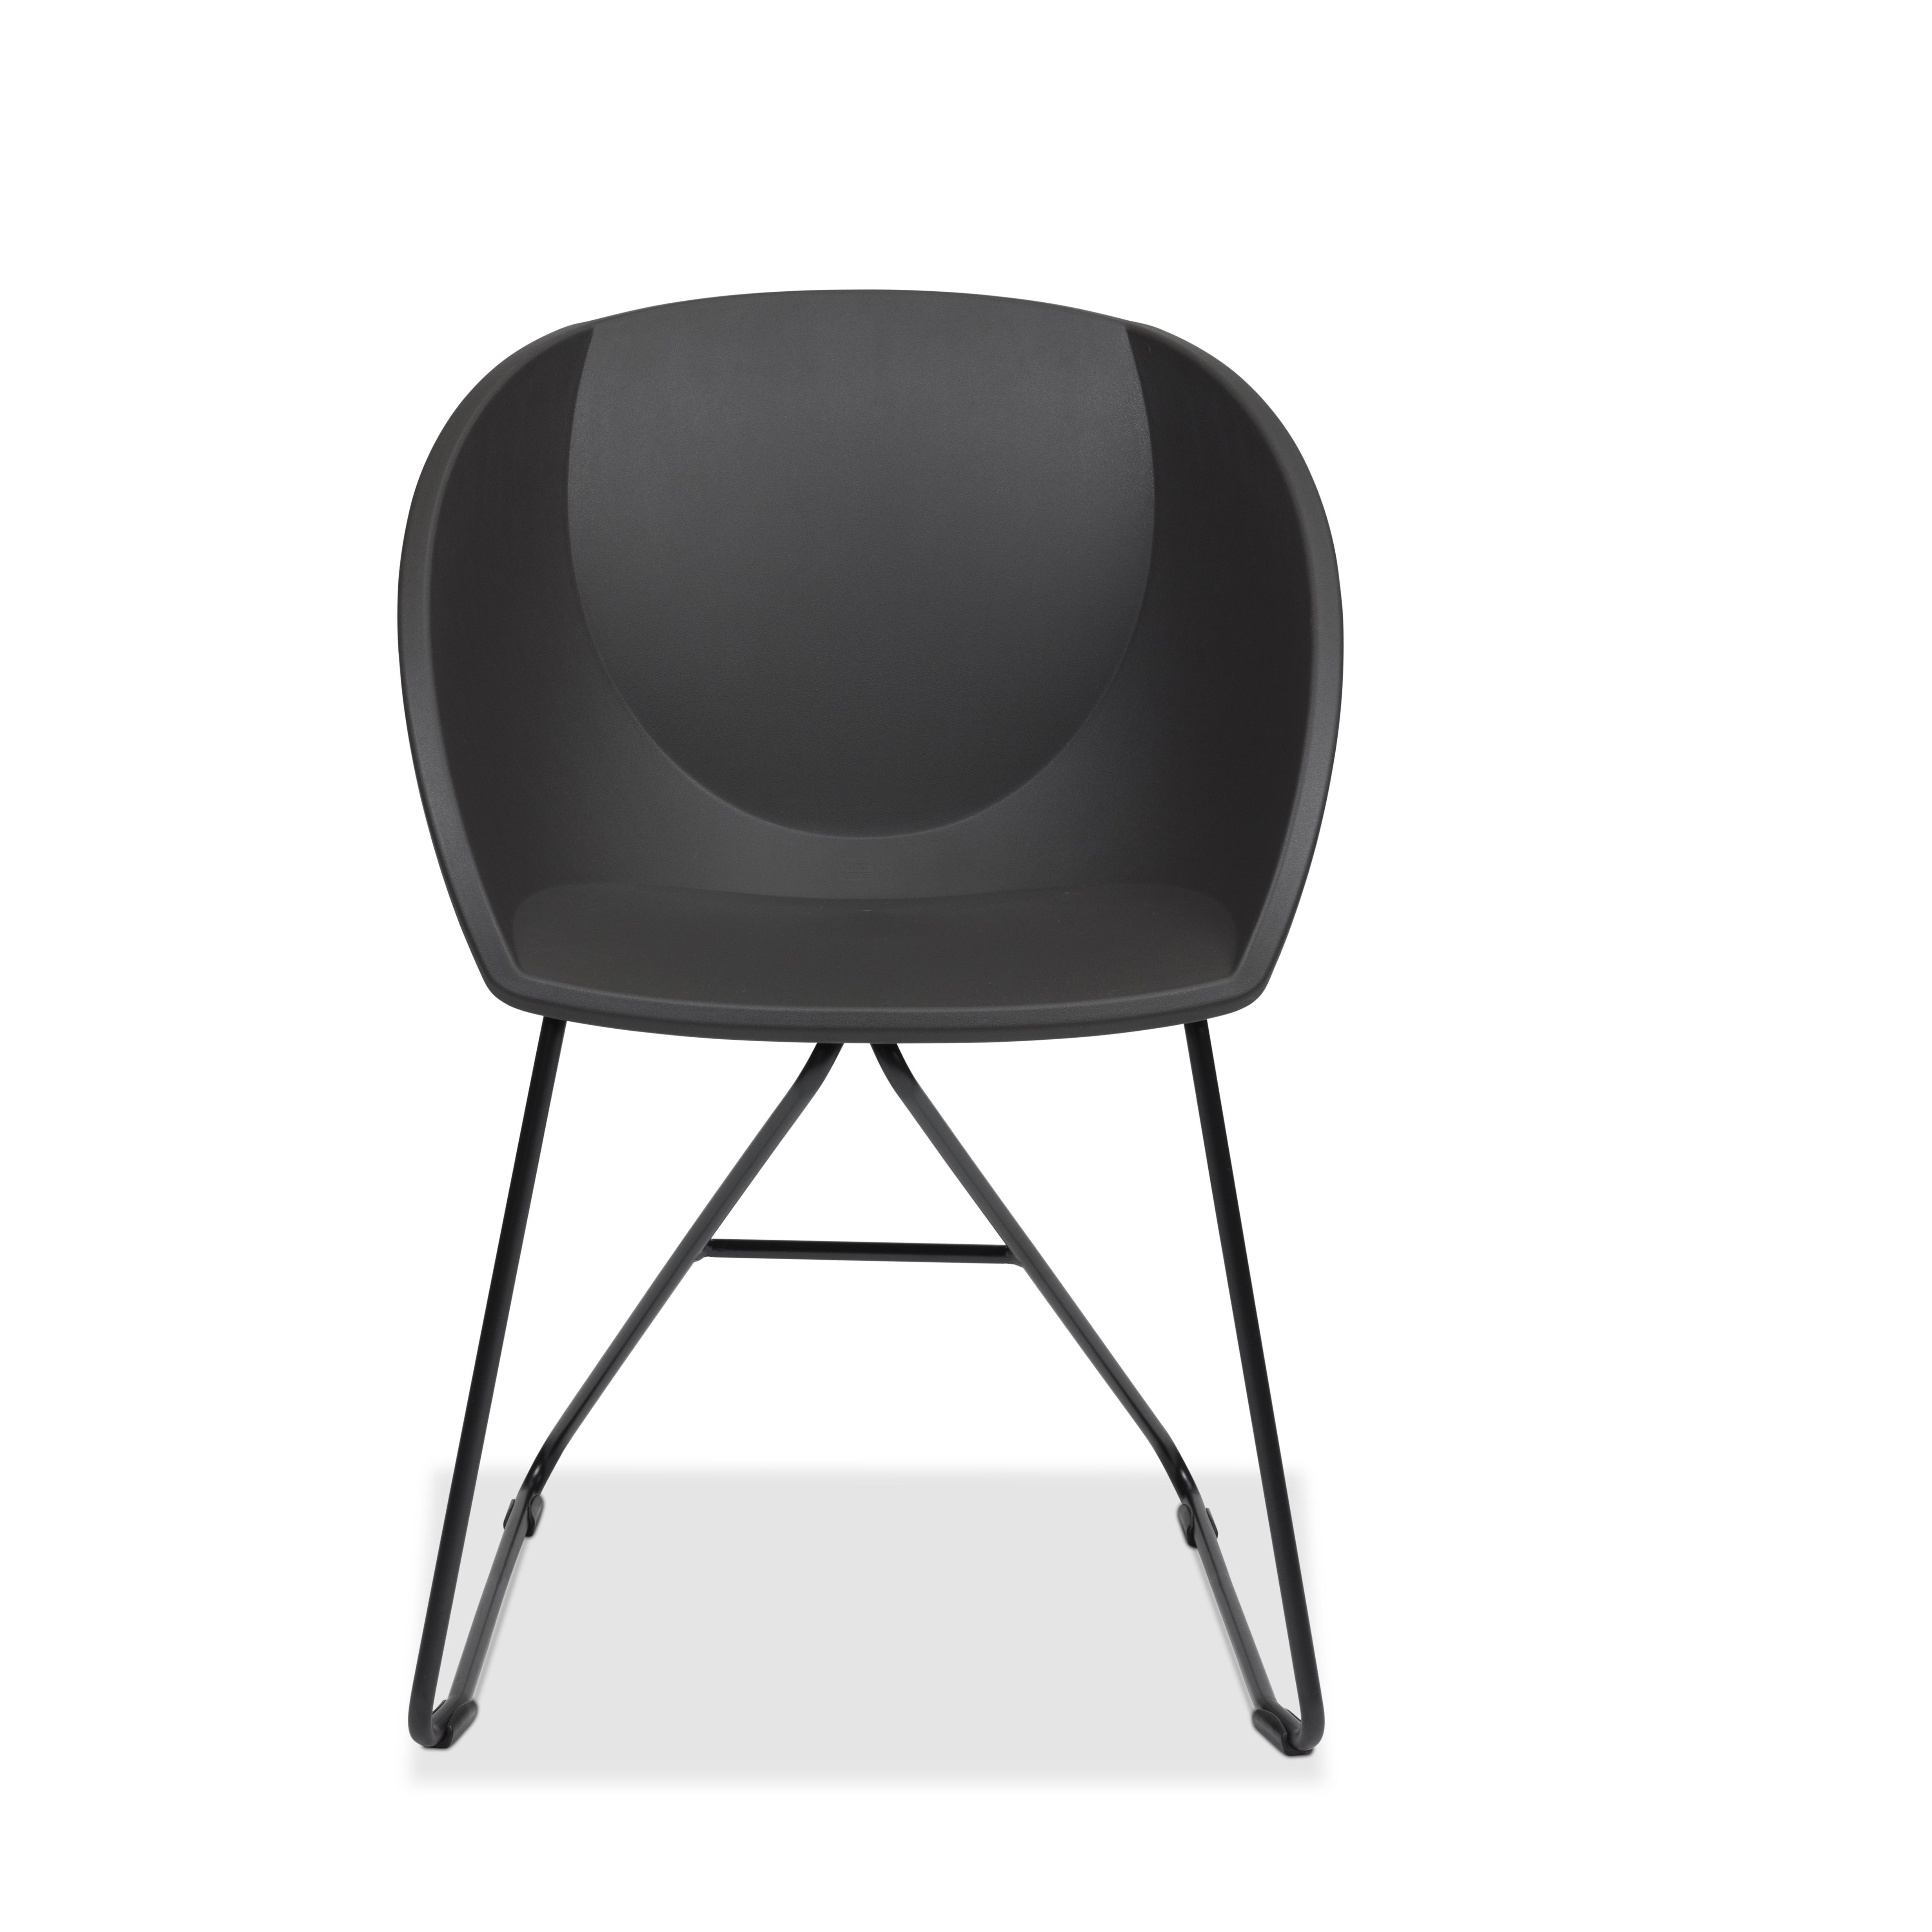 Popcorn stol i mørk grå gjenvunnet plast Fora Form